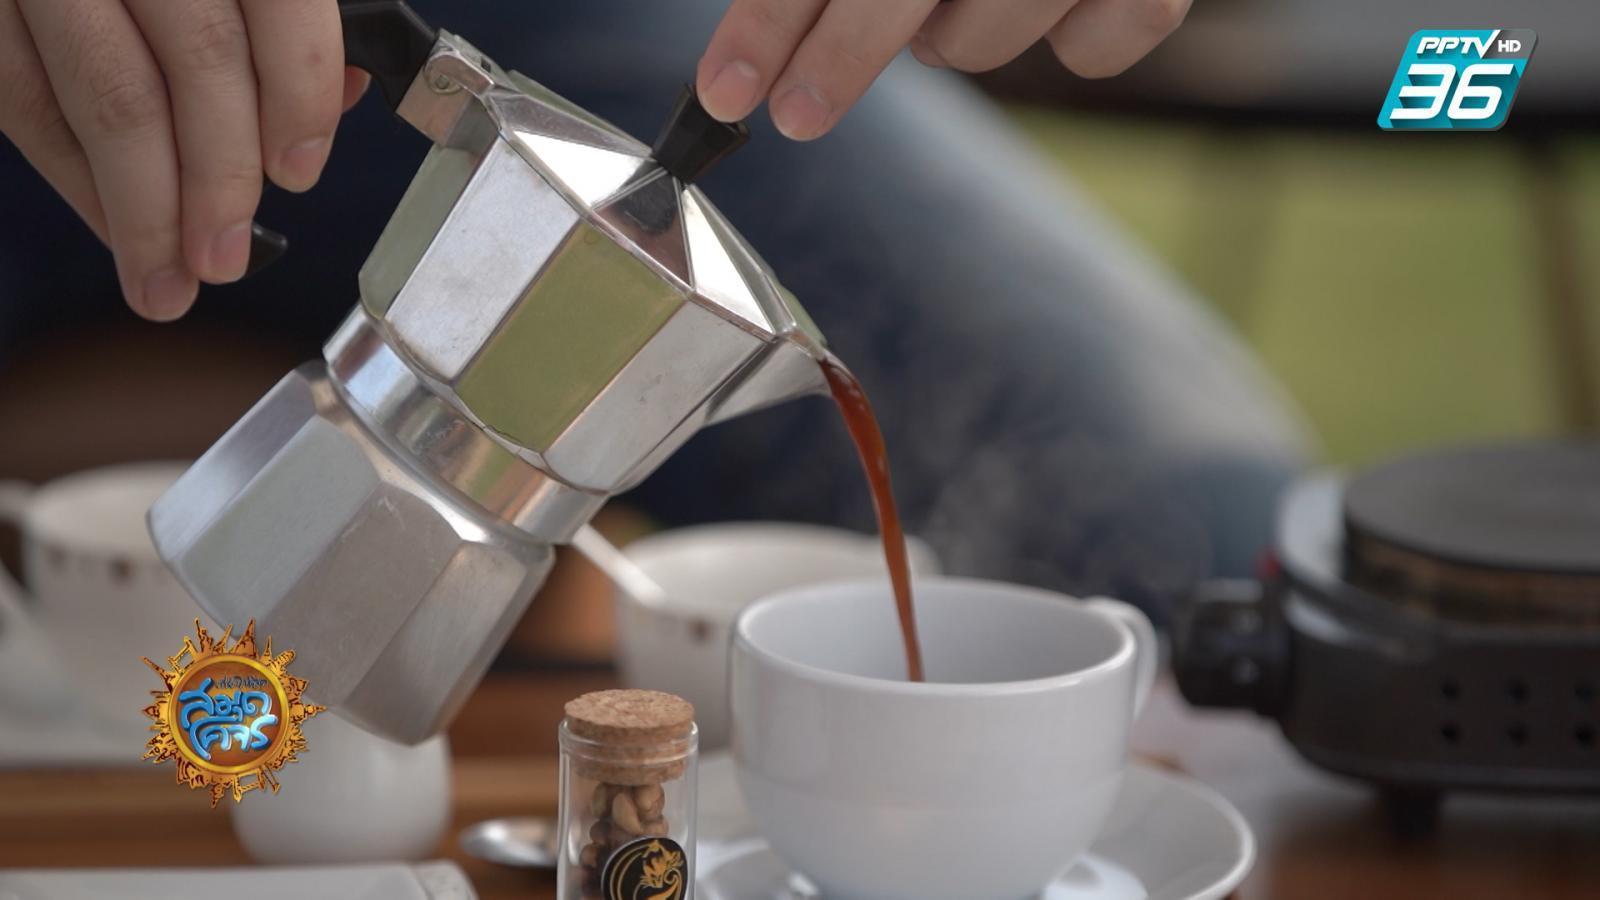 ดูเพลินๆ | เทคนิคชงกาแฟแบบอิตาลีสุดล้ำ | เที่ยวให้สุด สมุดโคจร EP.26